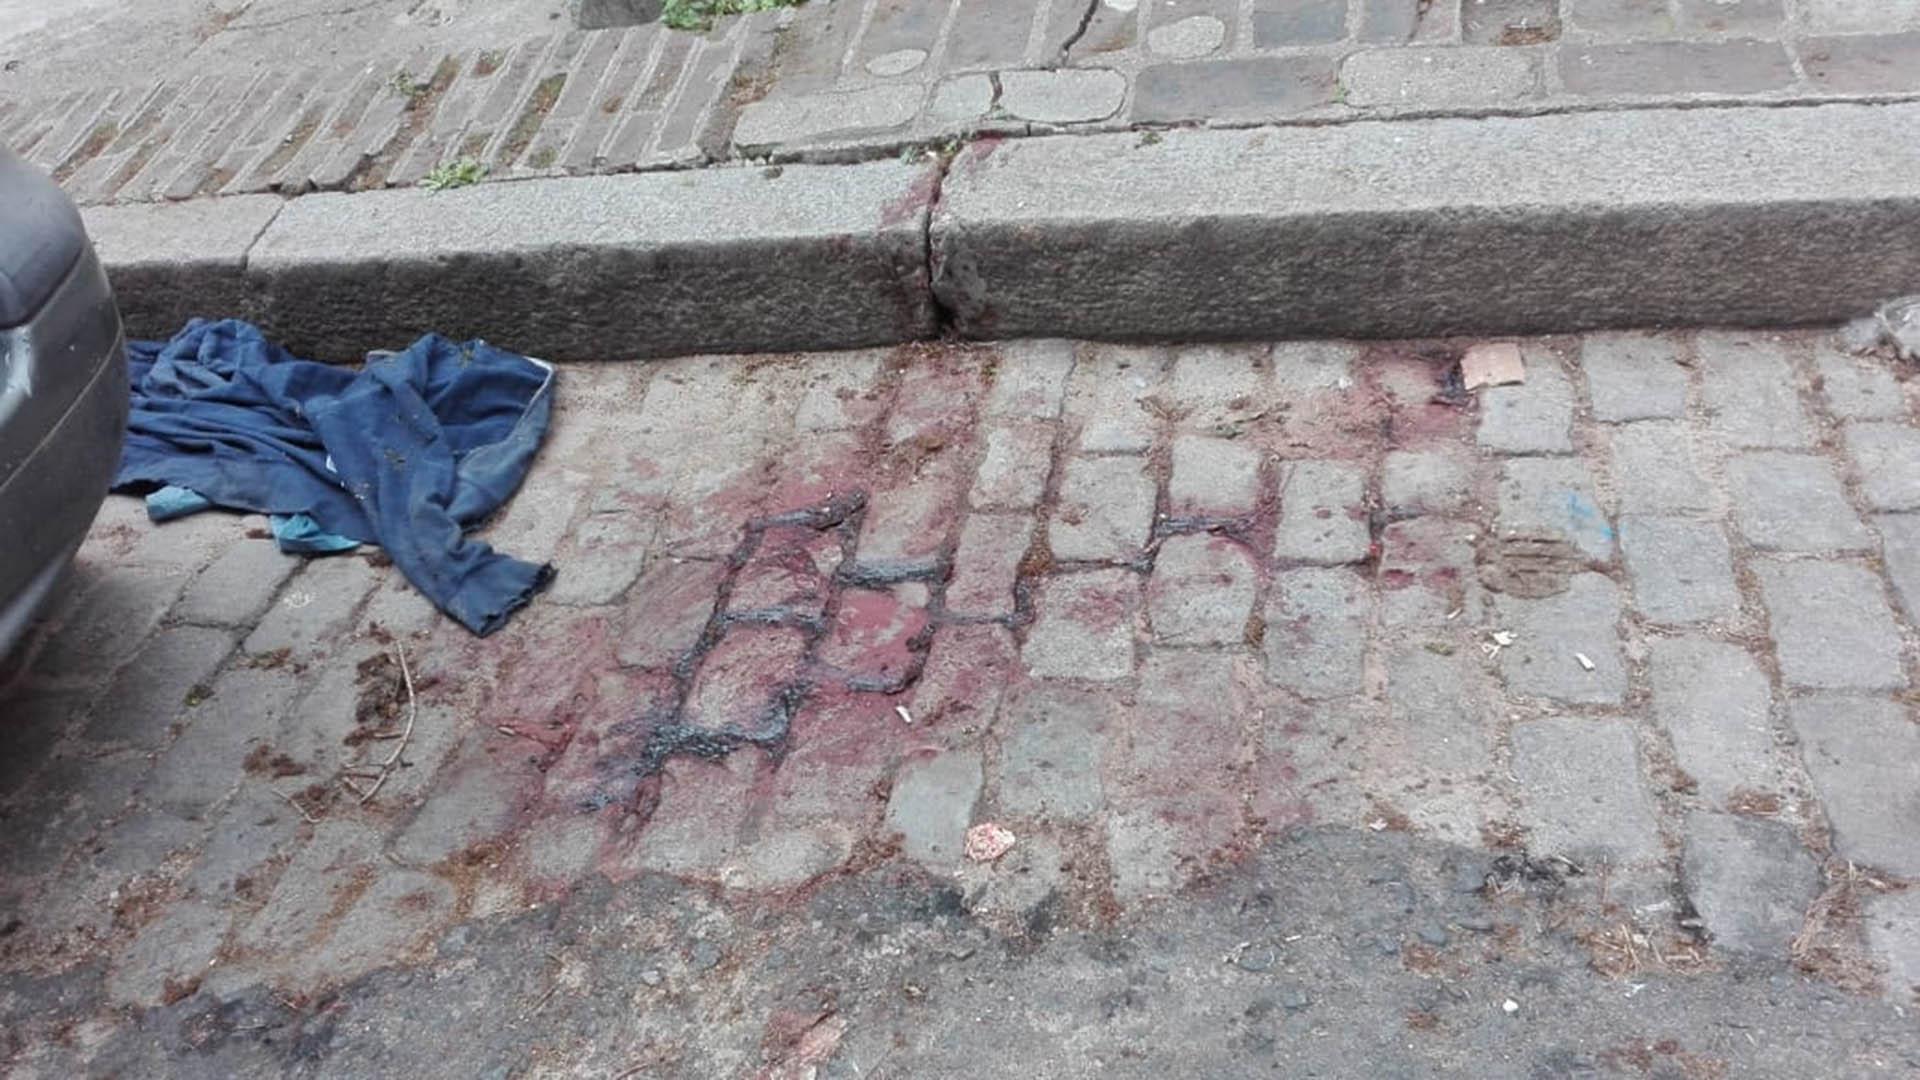 La mancha de sangre que quedó tras el crimen sobre los adoquines en la calle Terrada